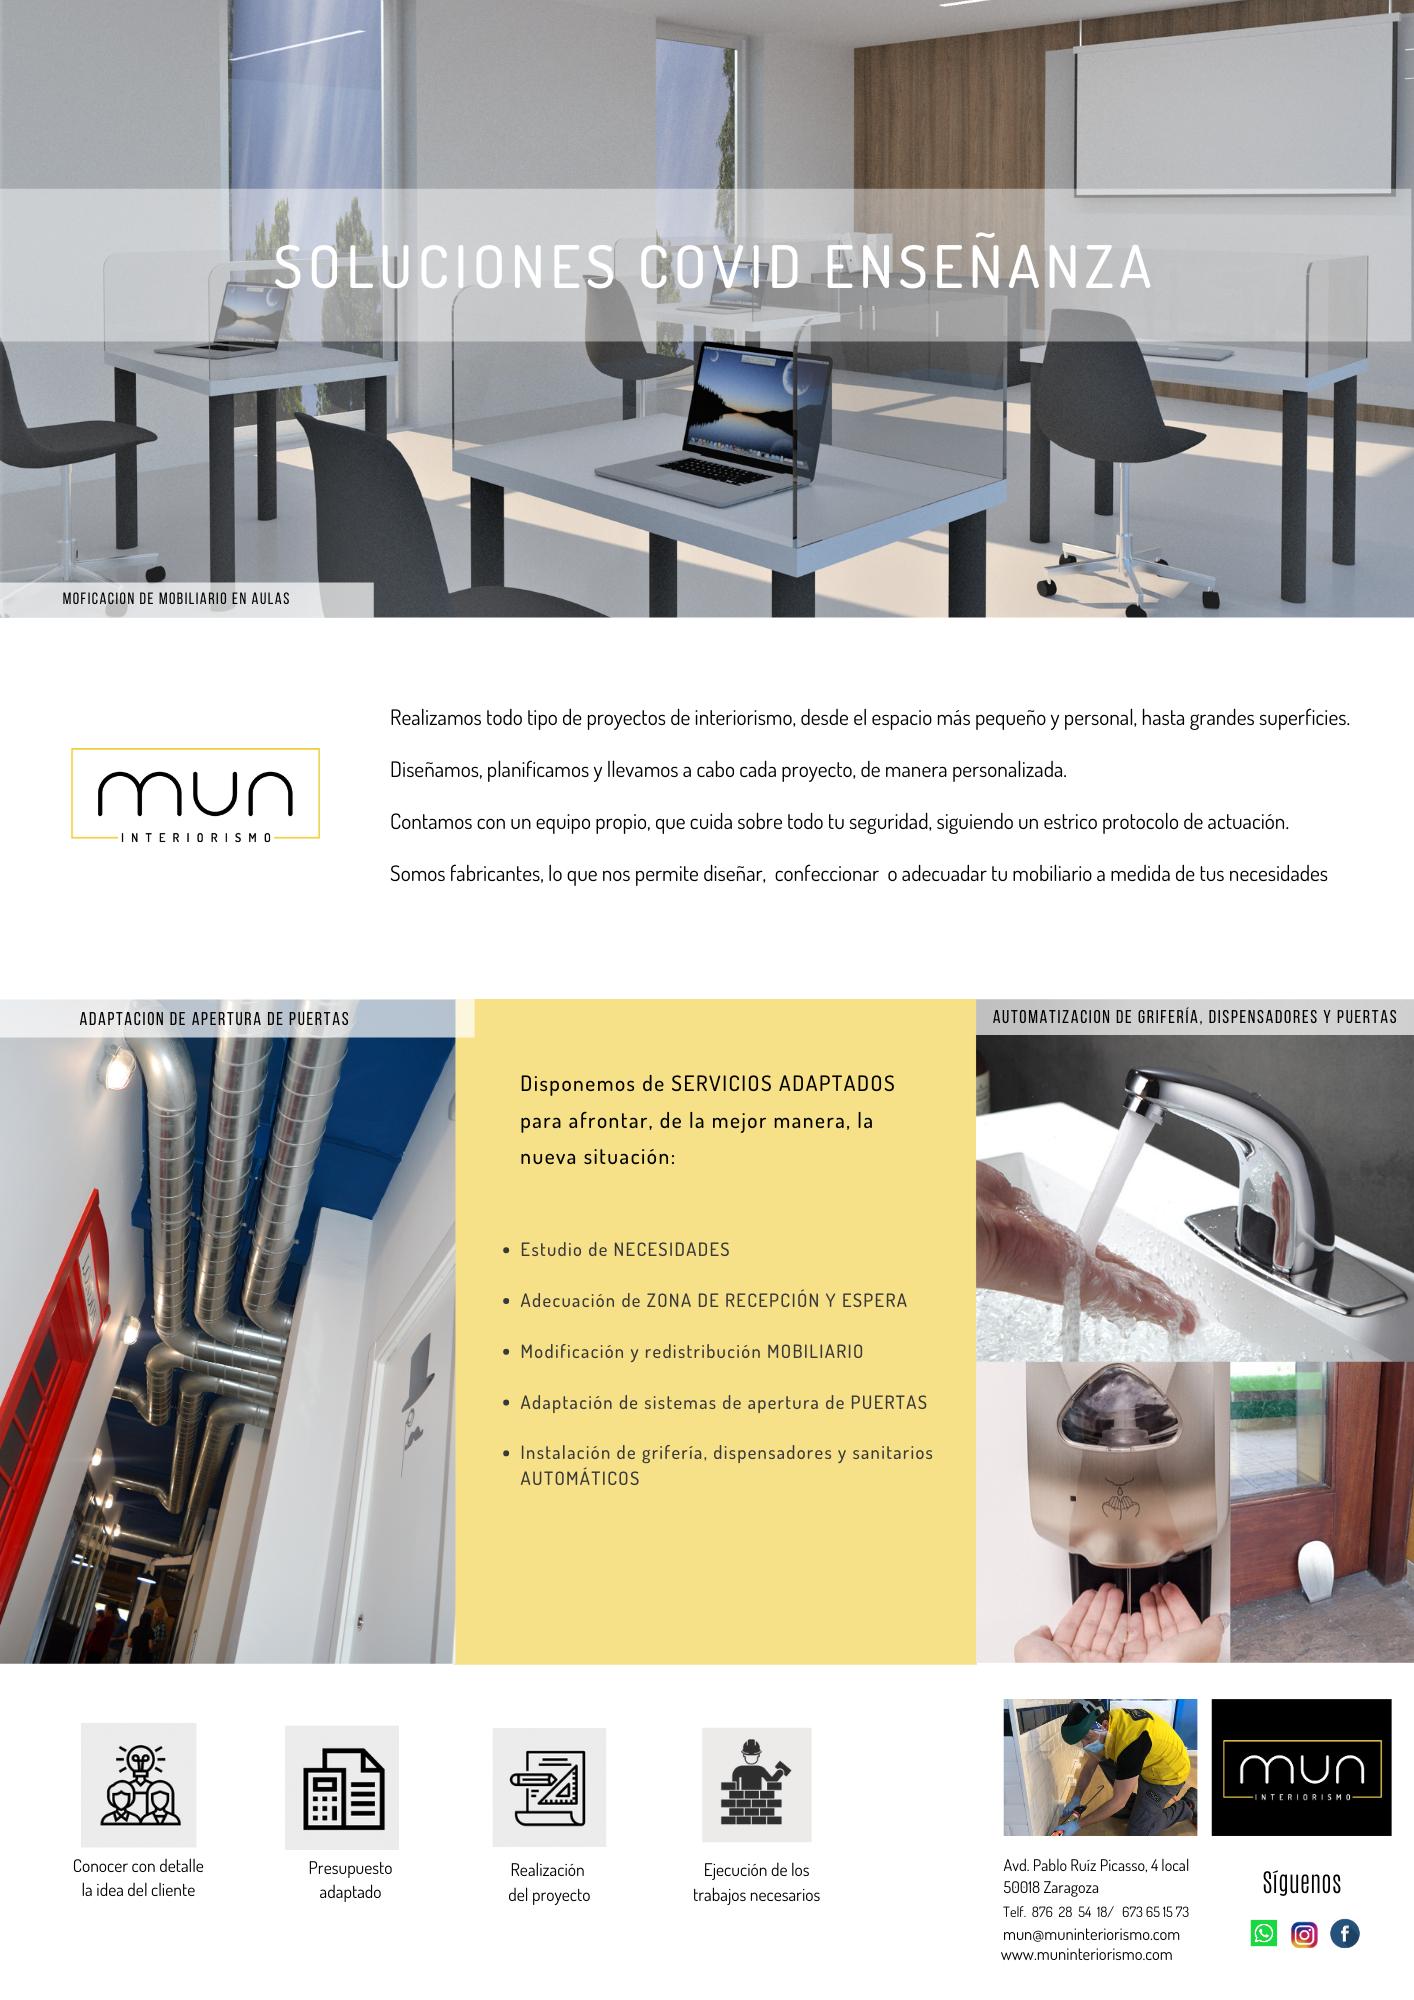 Opciones MUN para adaptar centros de enseñanza al COVID19